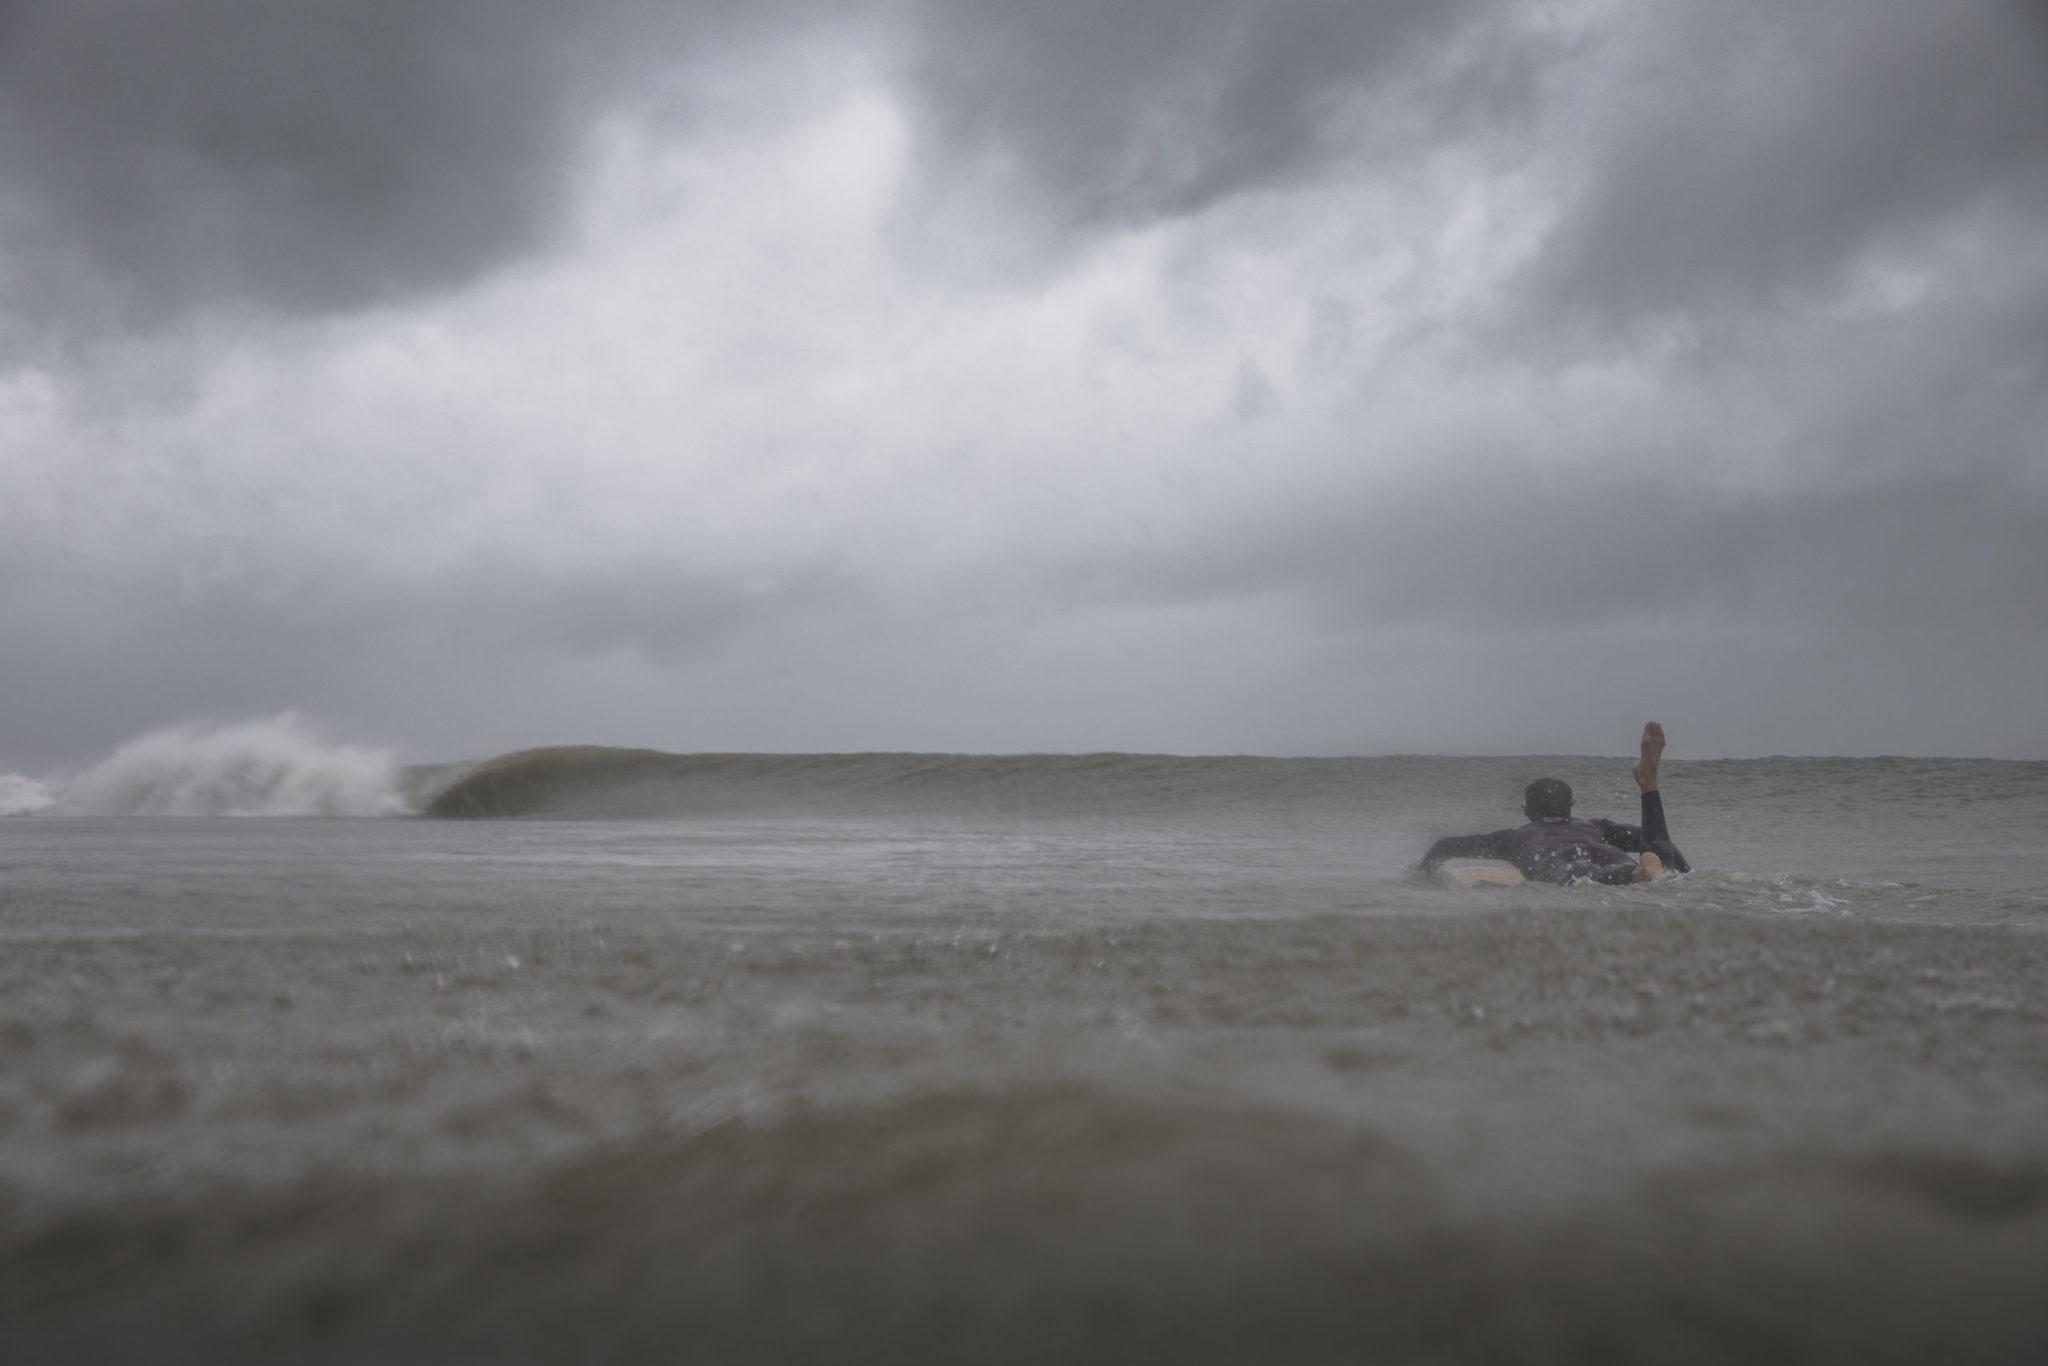 Cachalot Surfboards planche surf handmade artisan shaper hollow bois julien Mavier